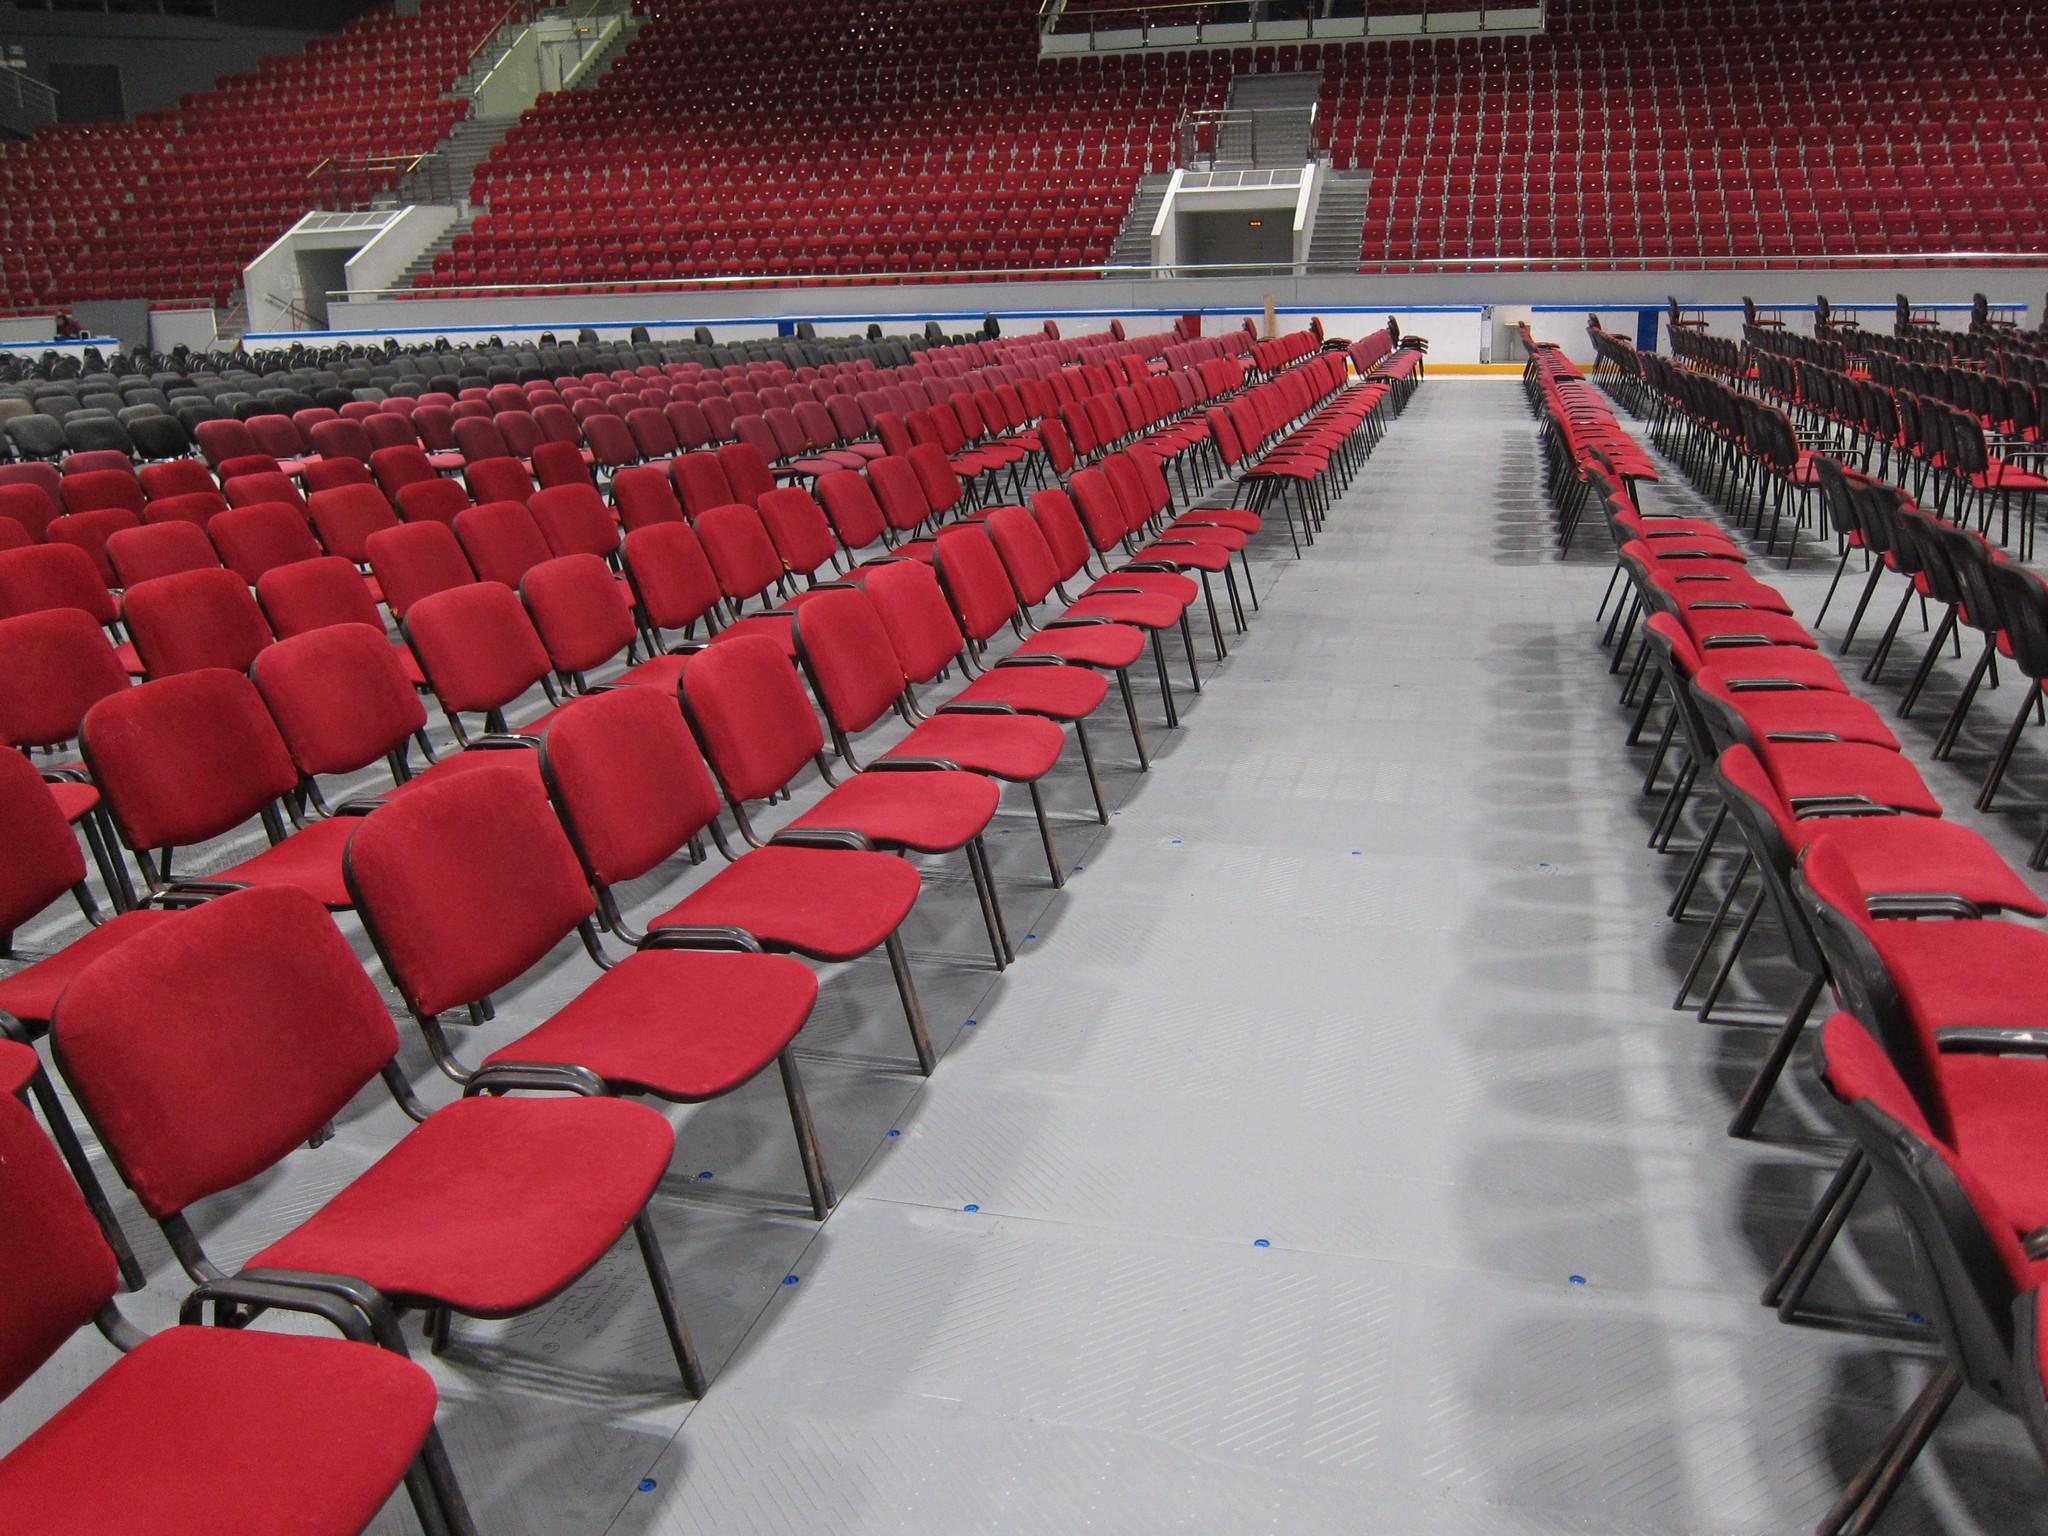 Дворец спорта юбилейный спб схема зала с местами фото